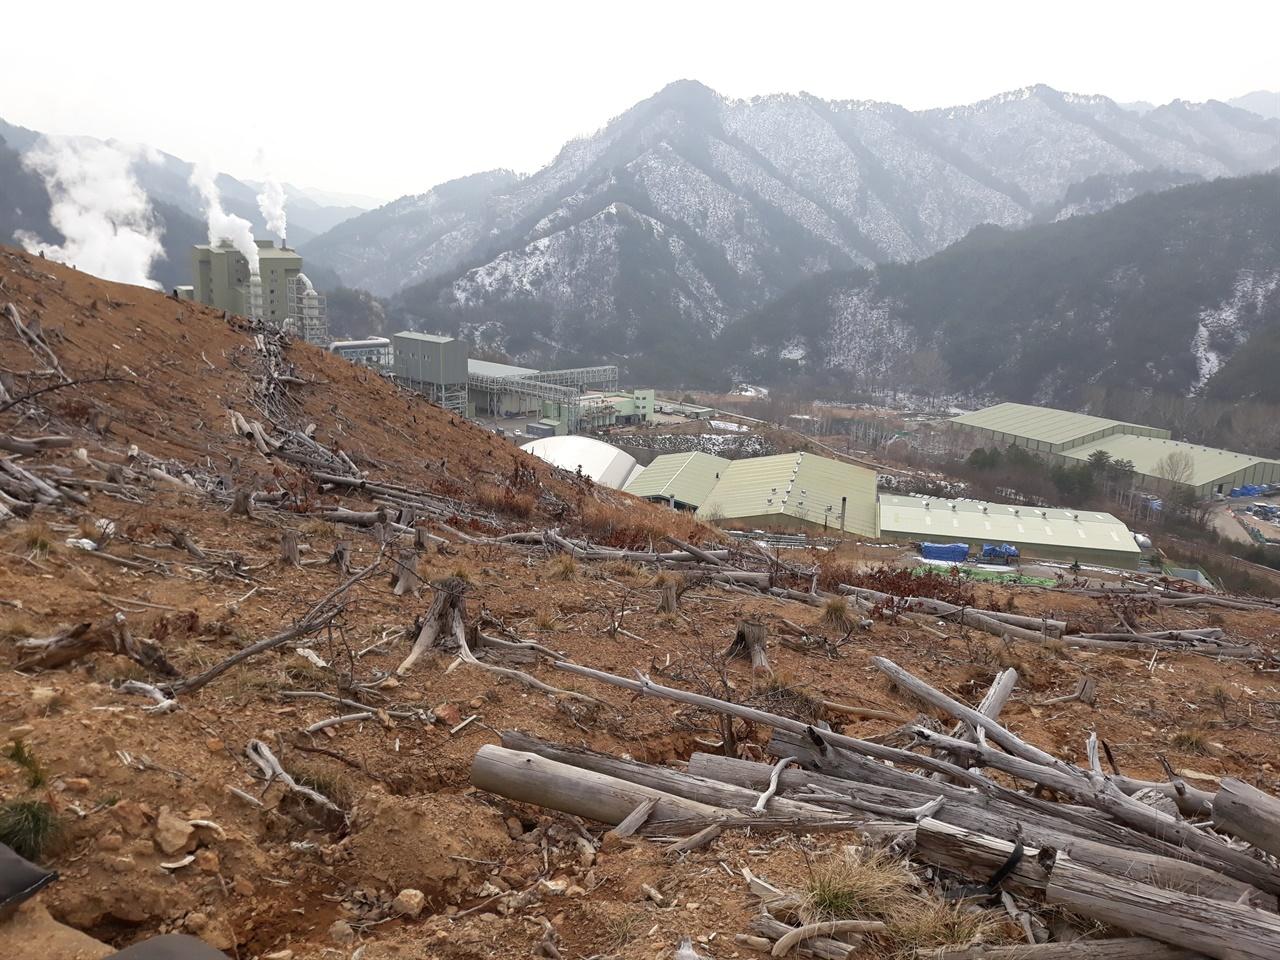 2018년 11월의 굴티공장(석포제련소 3공장). 공장 뒷산에 고사한 나무들이 버려져 있다. 굴티마을 주민이 떠난 자리에 3공장이 새로 들어섰다.